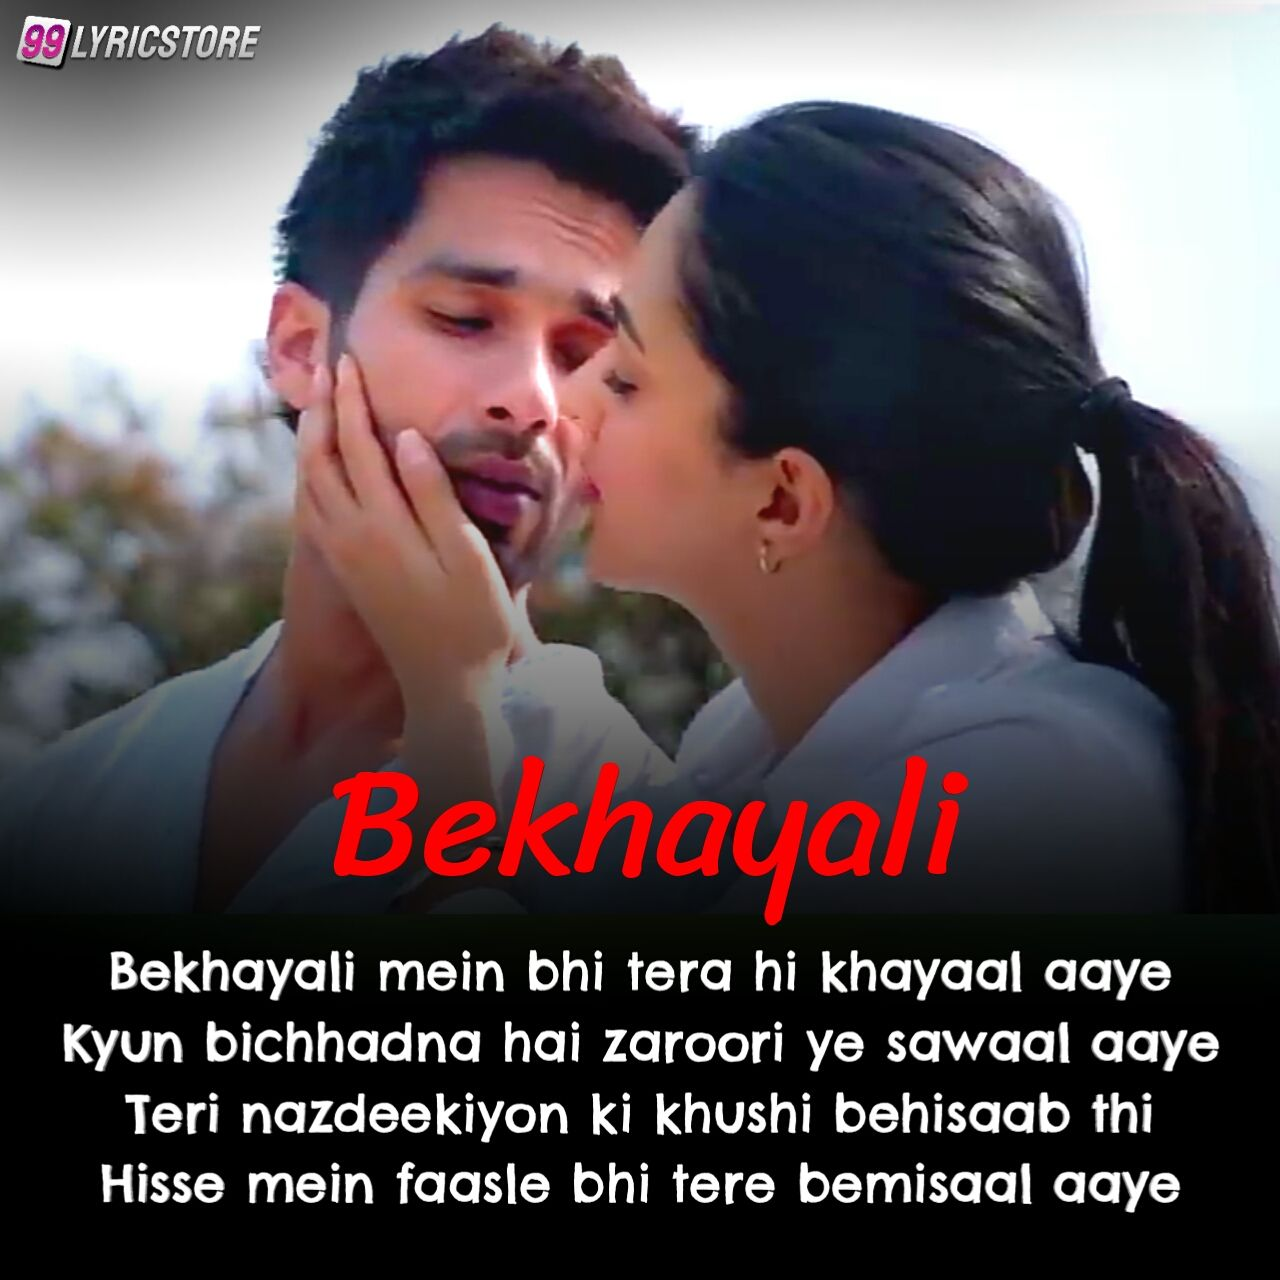 Bekhayali Hindi Song Lyrics Sung by Sachet Tandon from movie 'Kabir Singh' starring 'Shahid Kapoor' and Kiara Advani